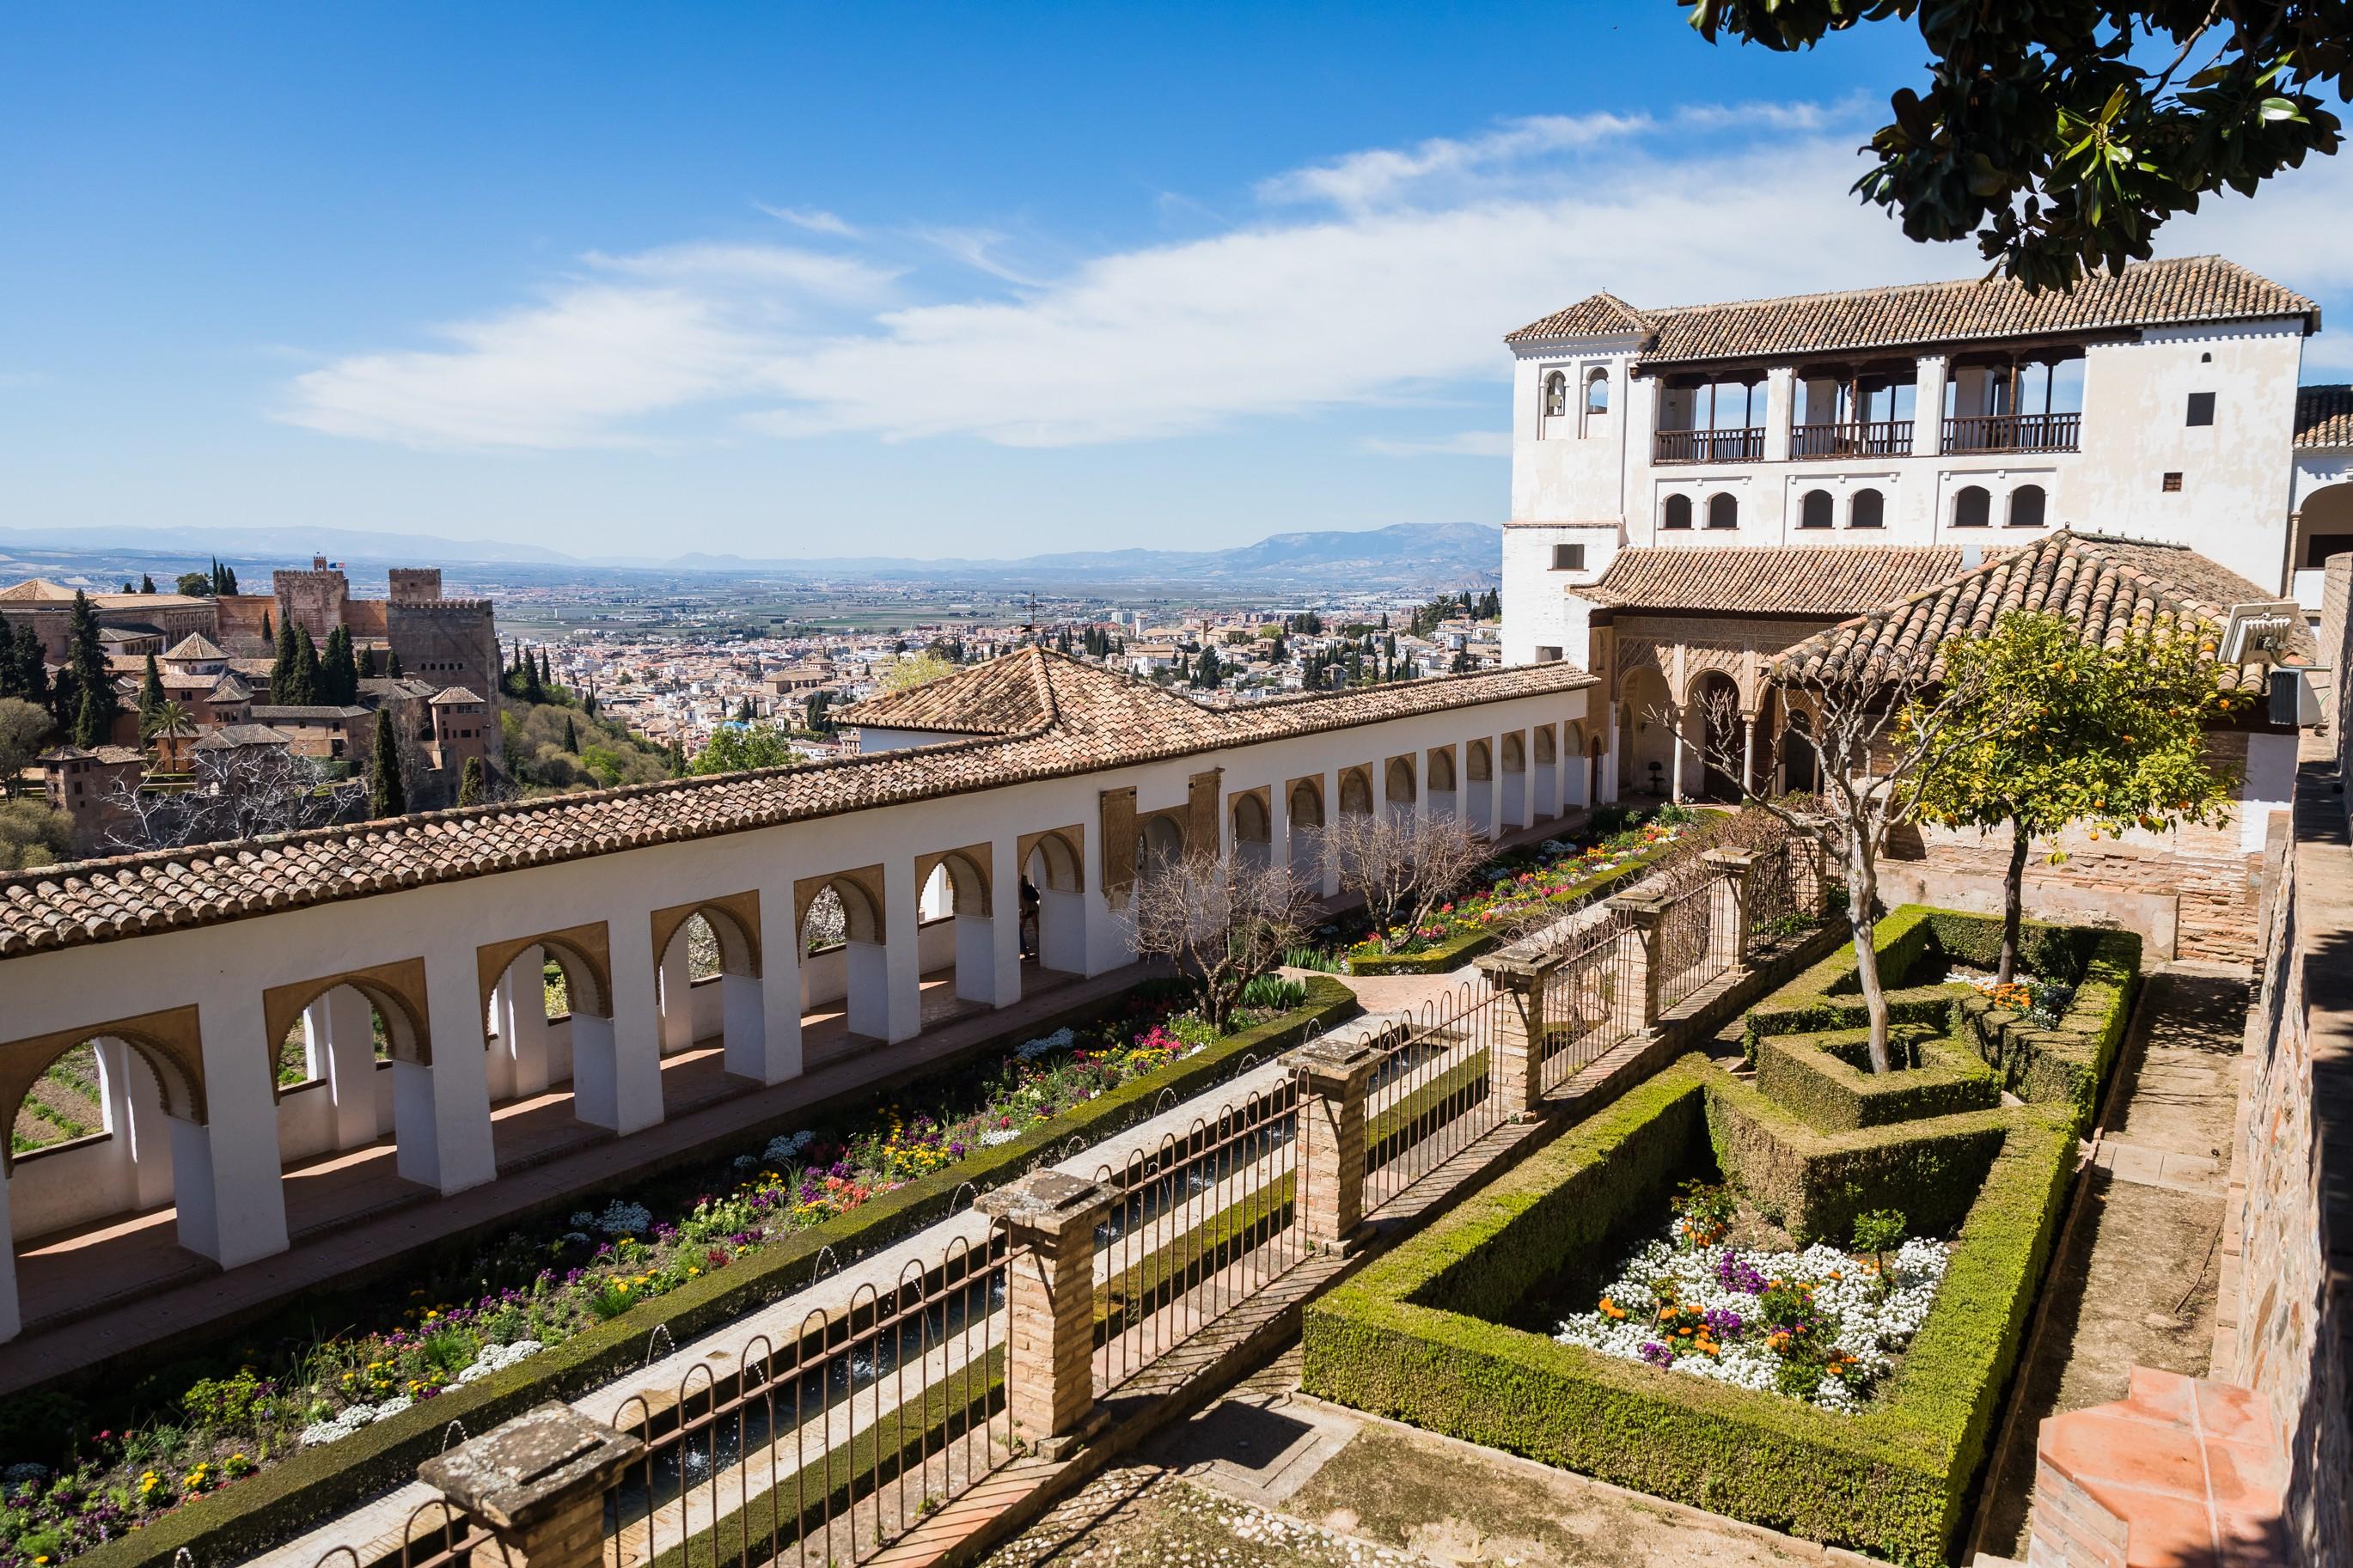 Patio de la Acequia del Generalife, ocho siglos en un jardín